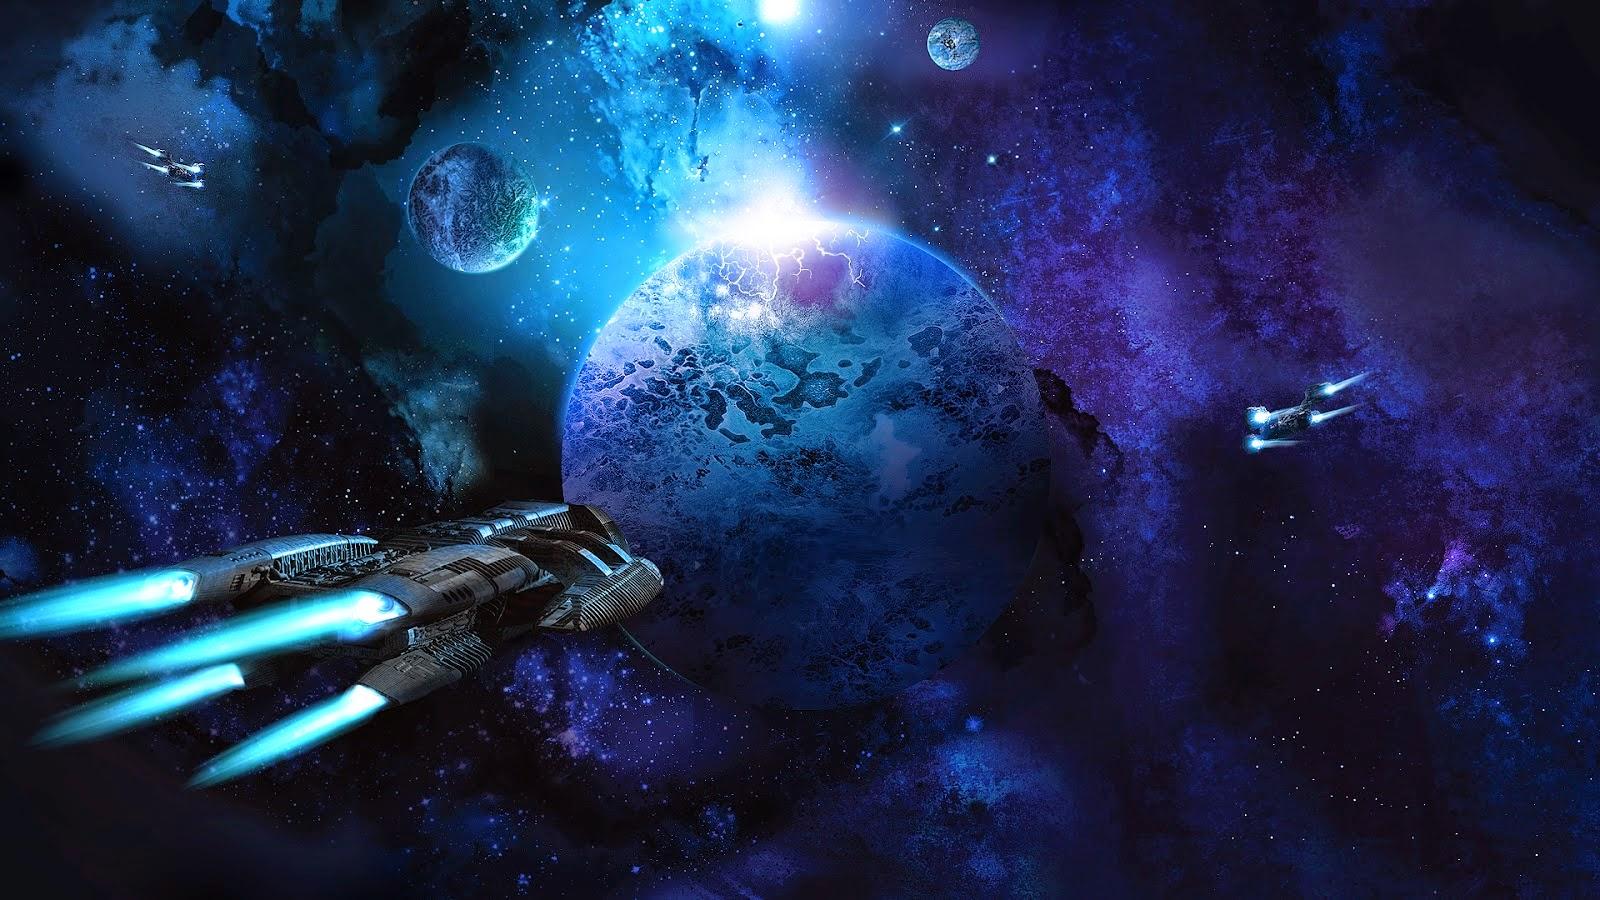 Καλώς ήλθατε στο Πολυσύμπαν (Brian Greene)